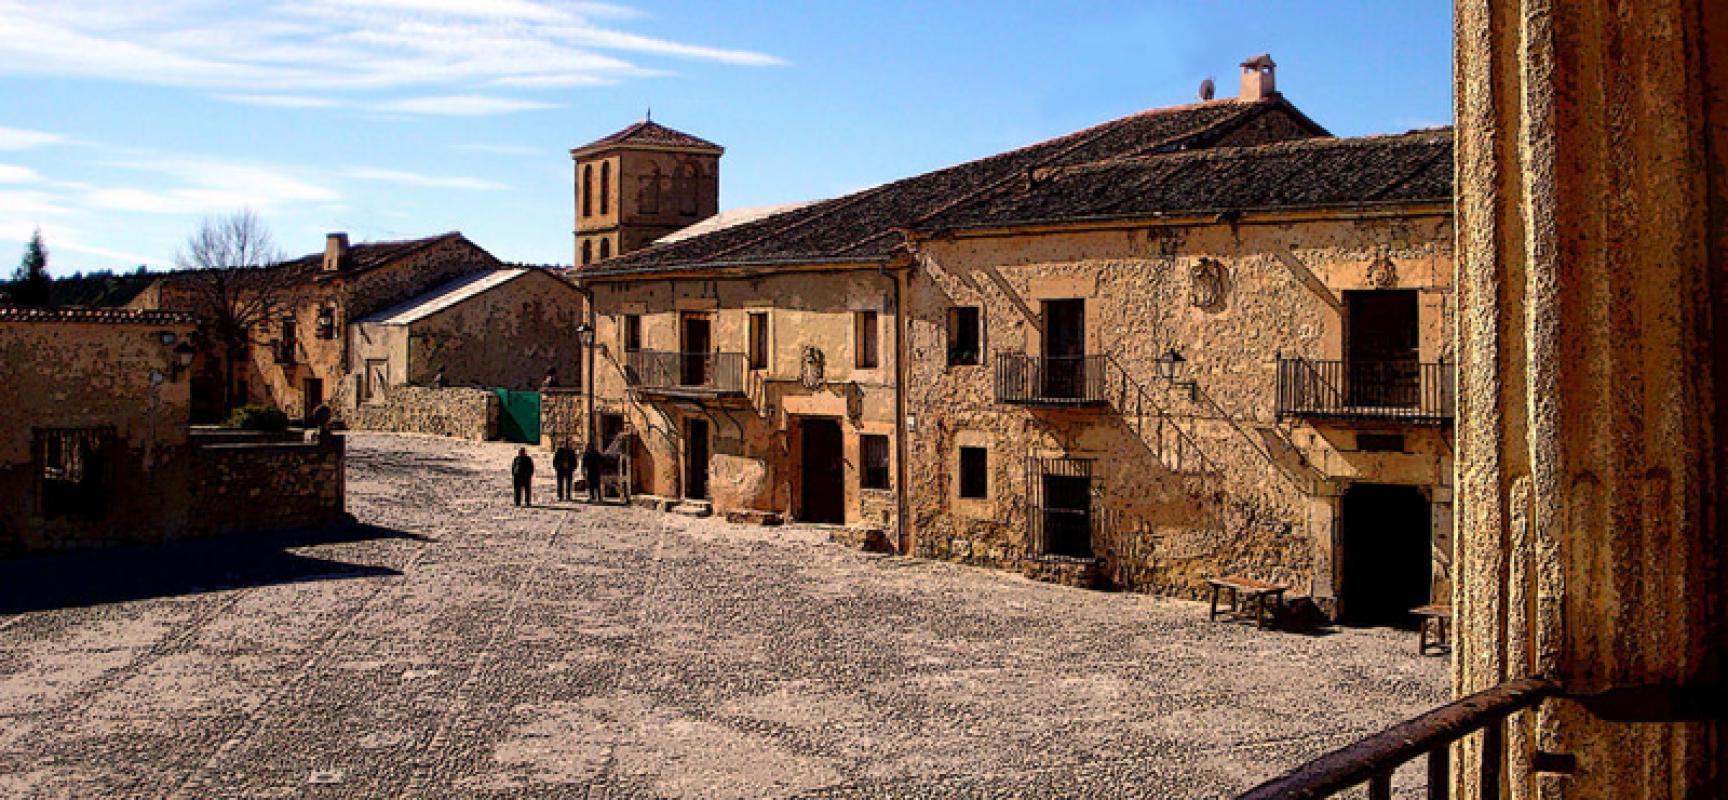 Los 10 rincones medievales m s bonitos de castilla y le n for Oficina turismo castilla y leon